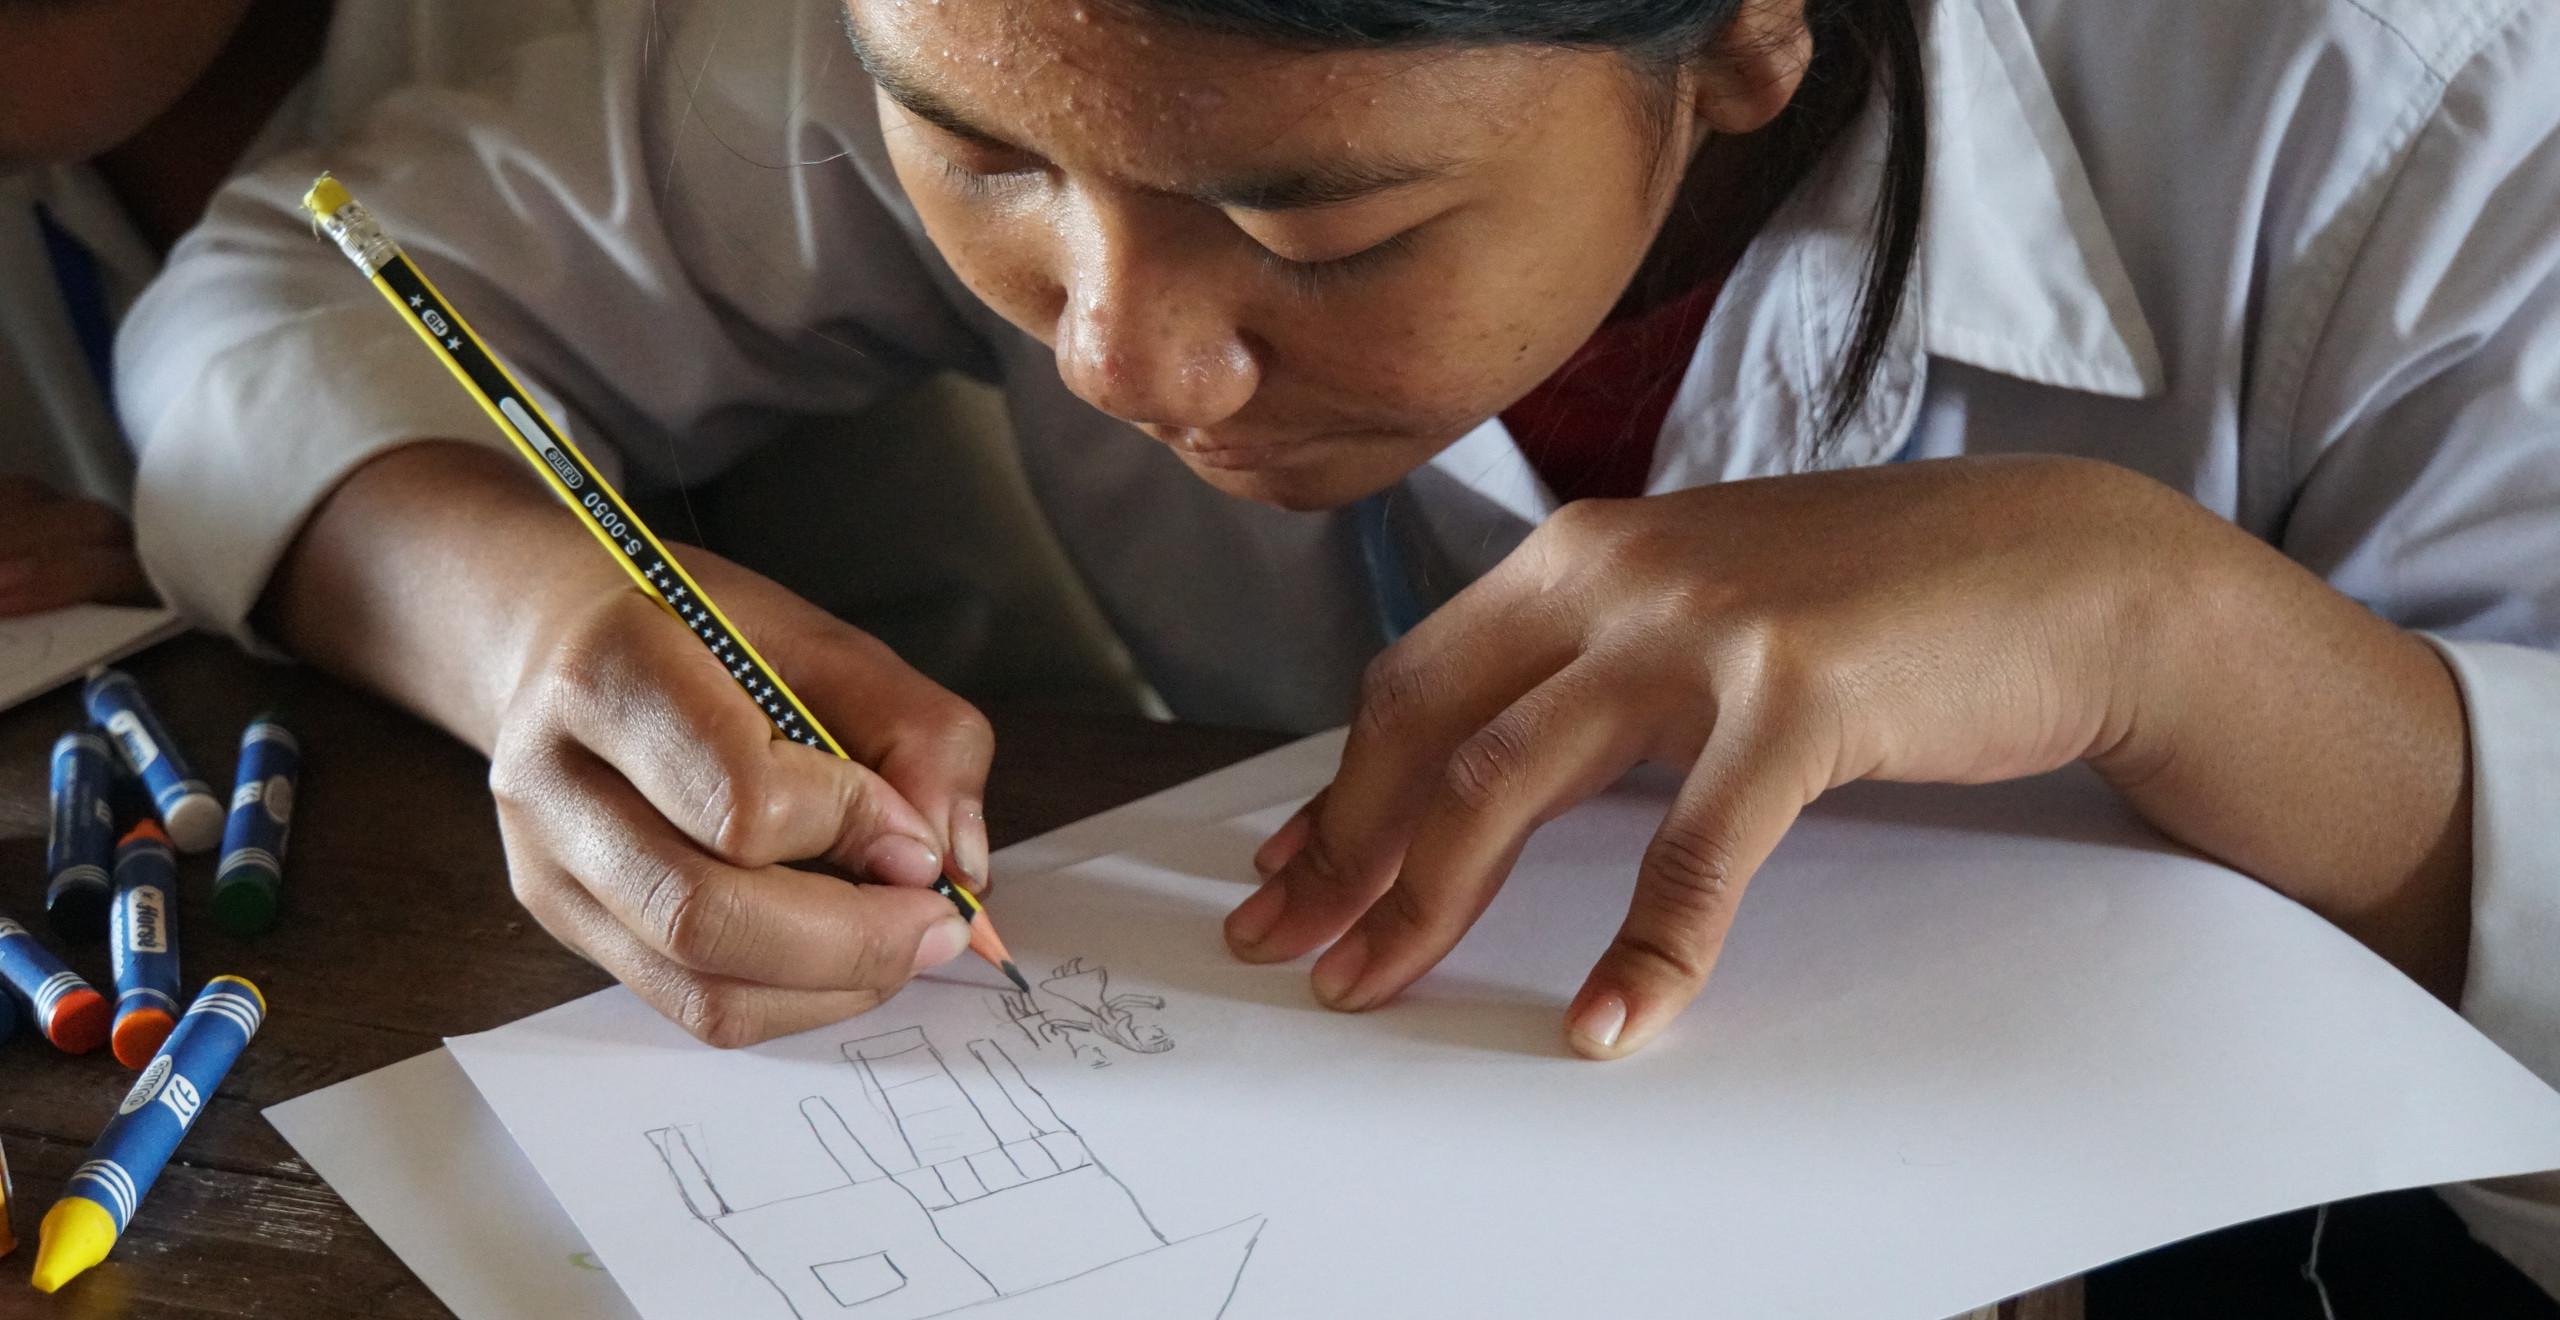 鉛筆で絵の下書き